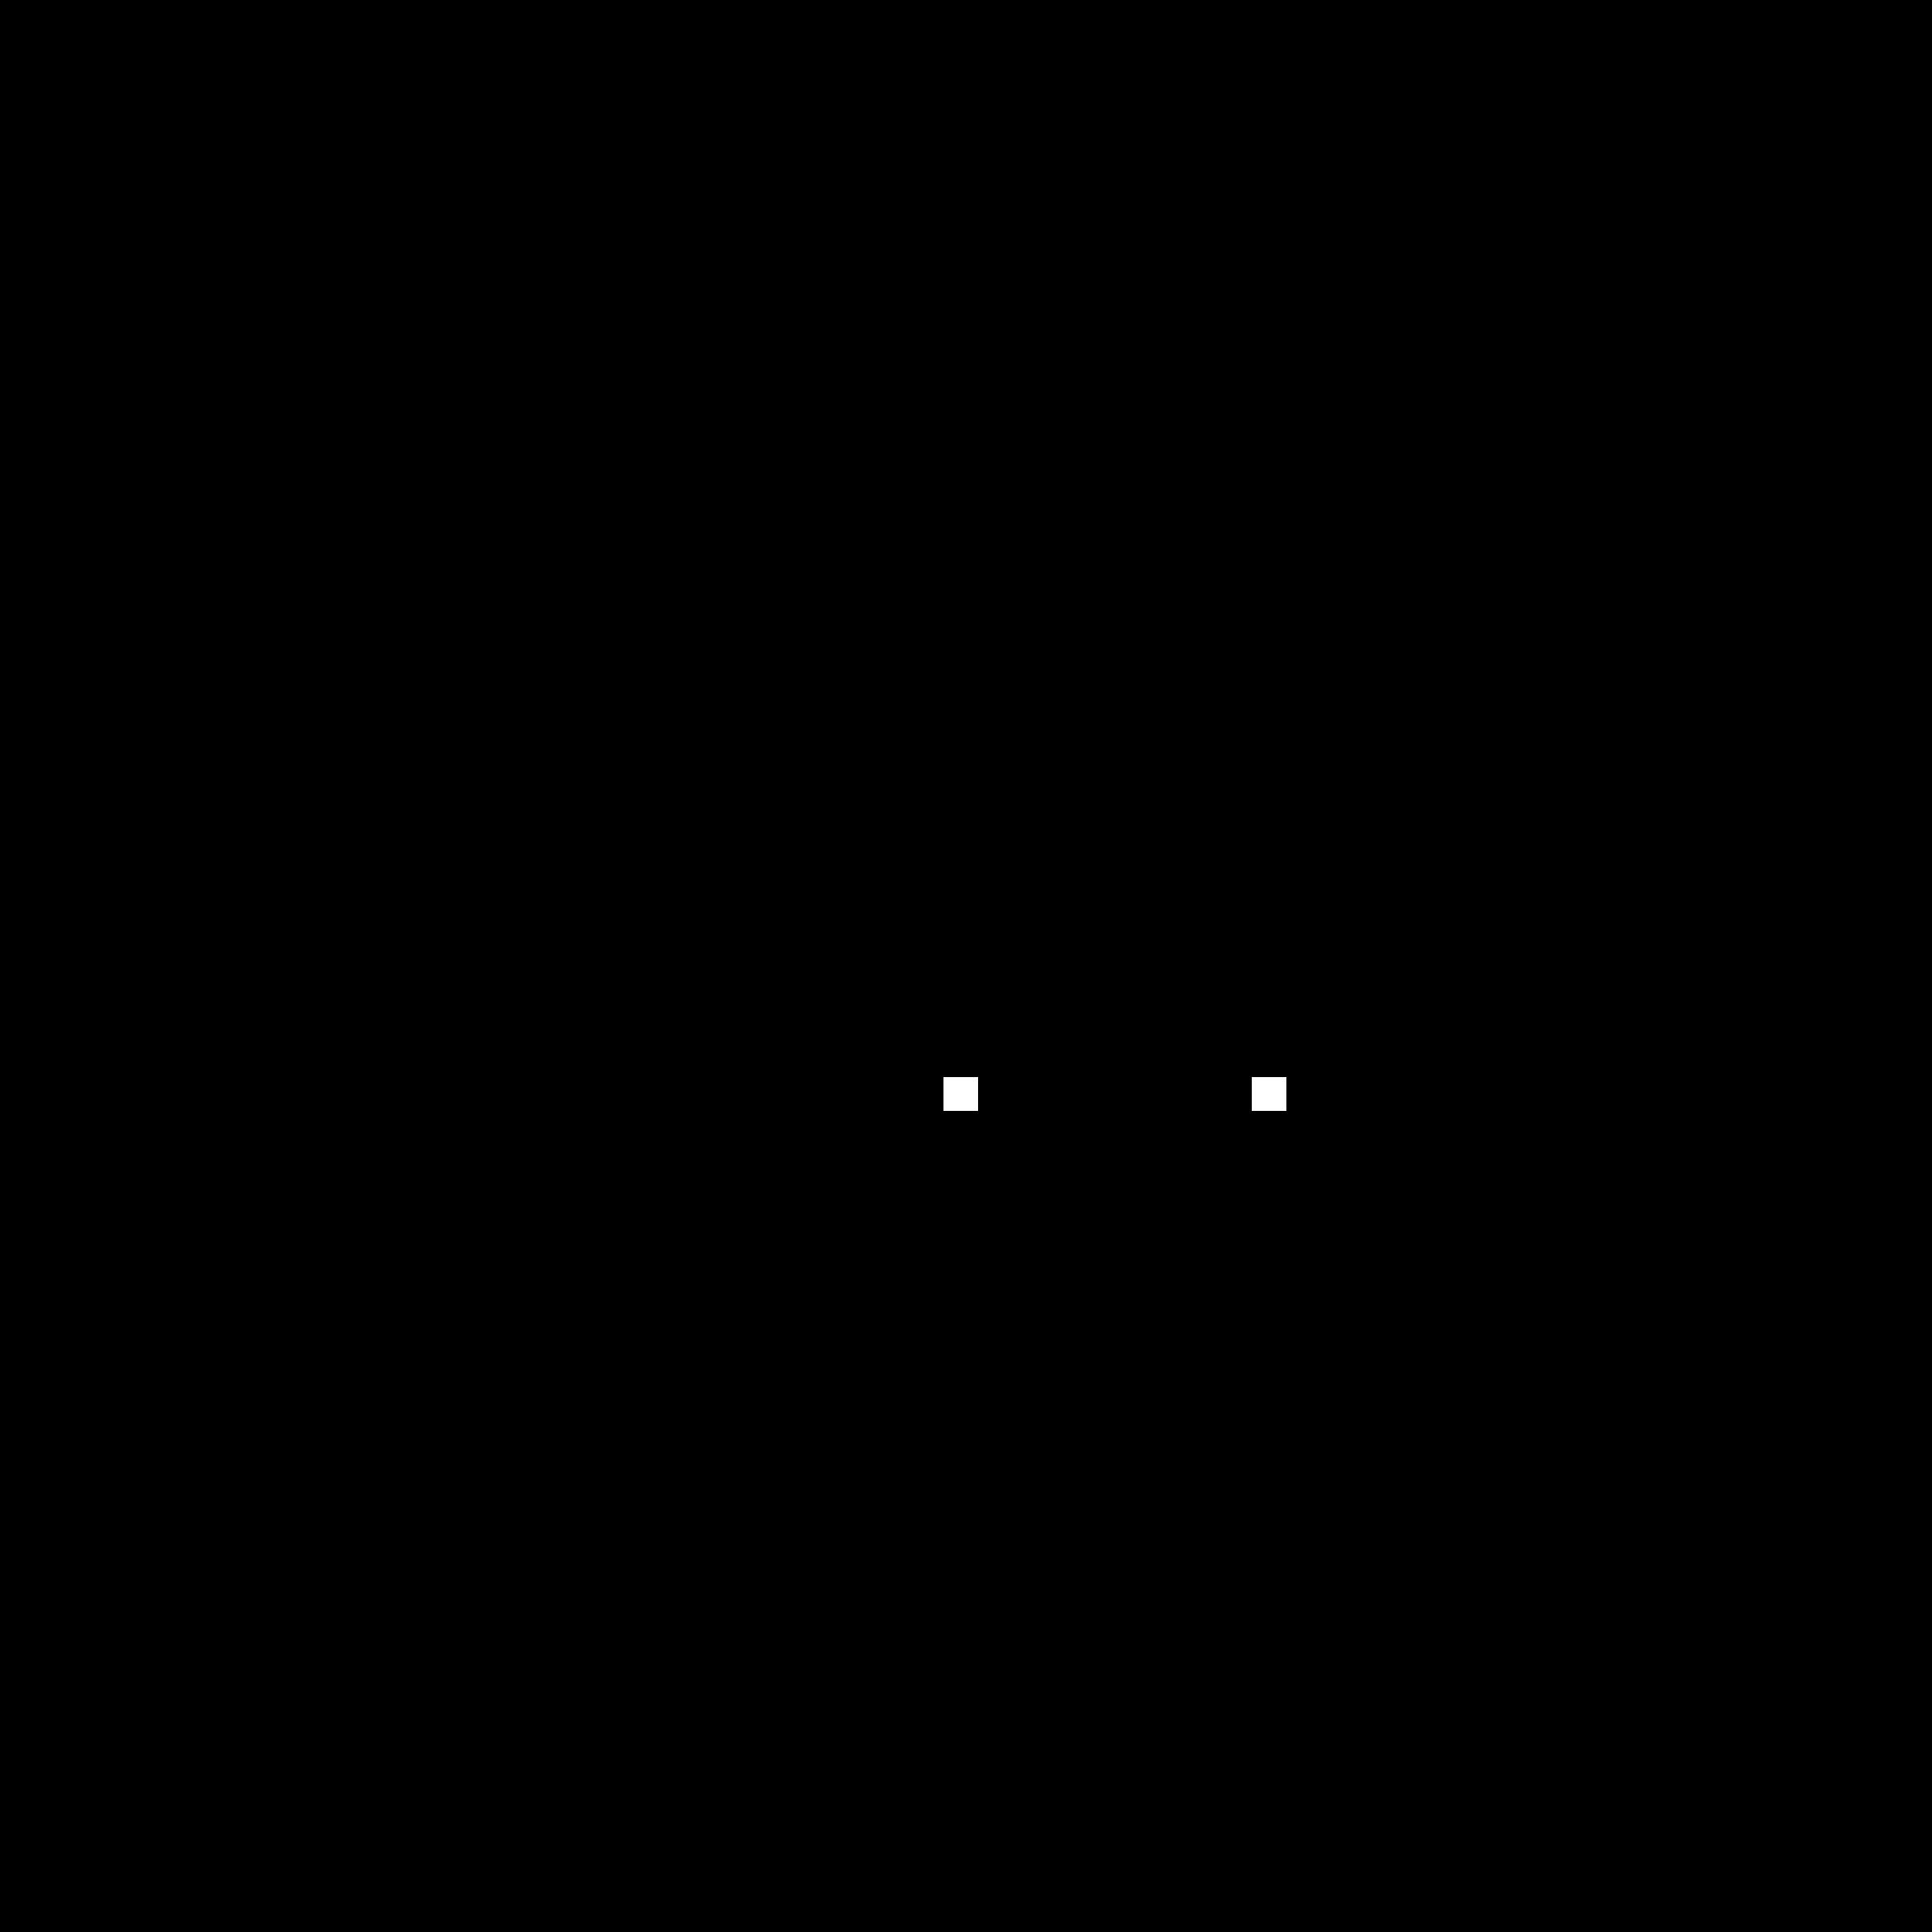 bhp-billiton-1-logo-png-transparent